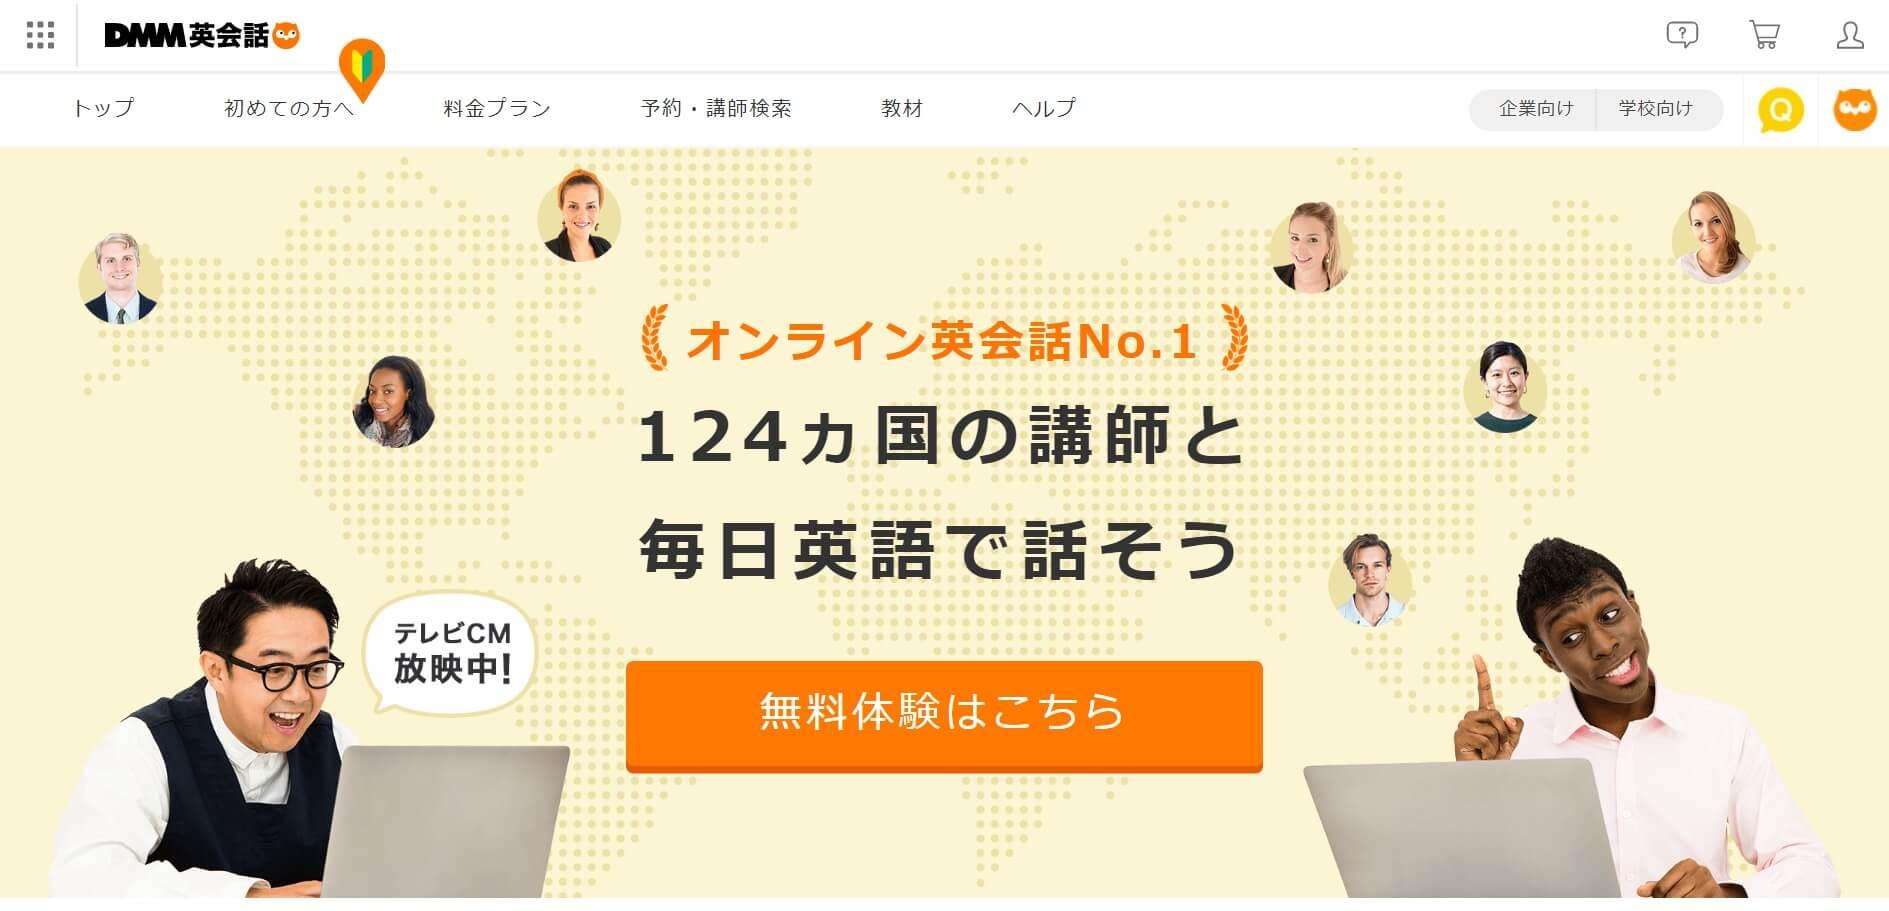 DMM英会話公式サイト